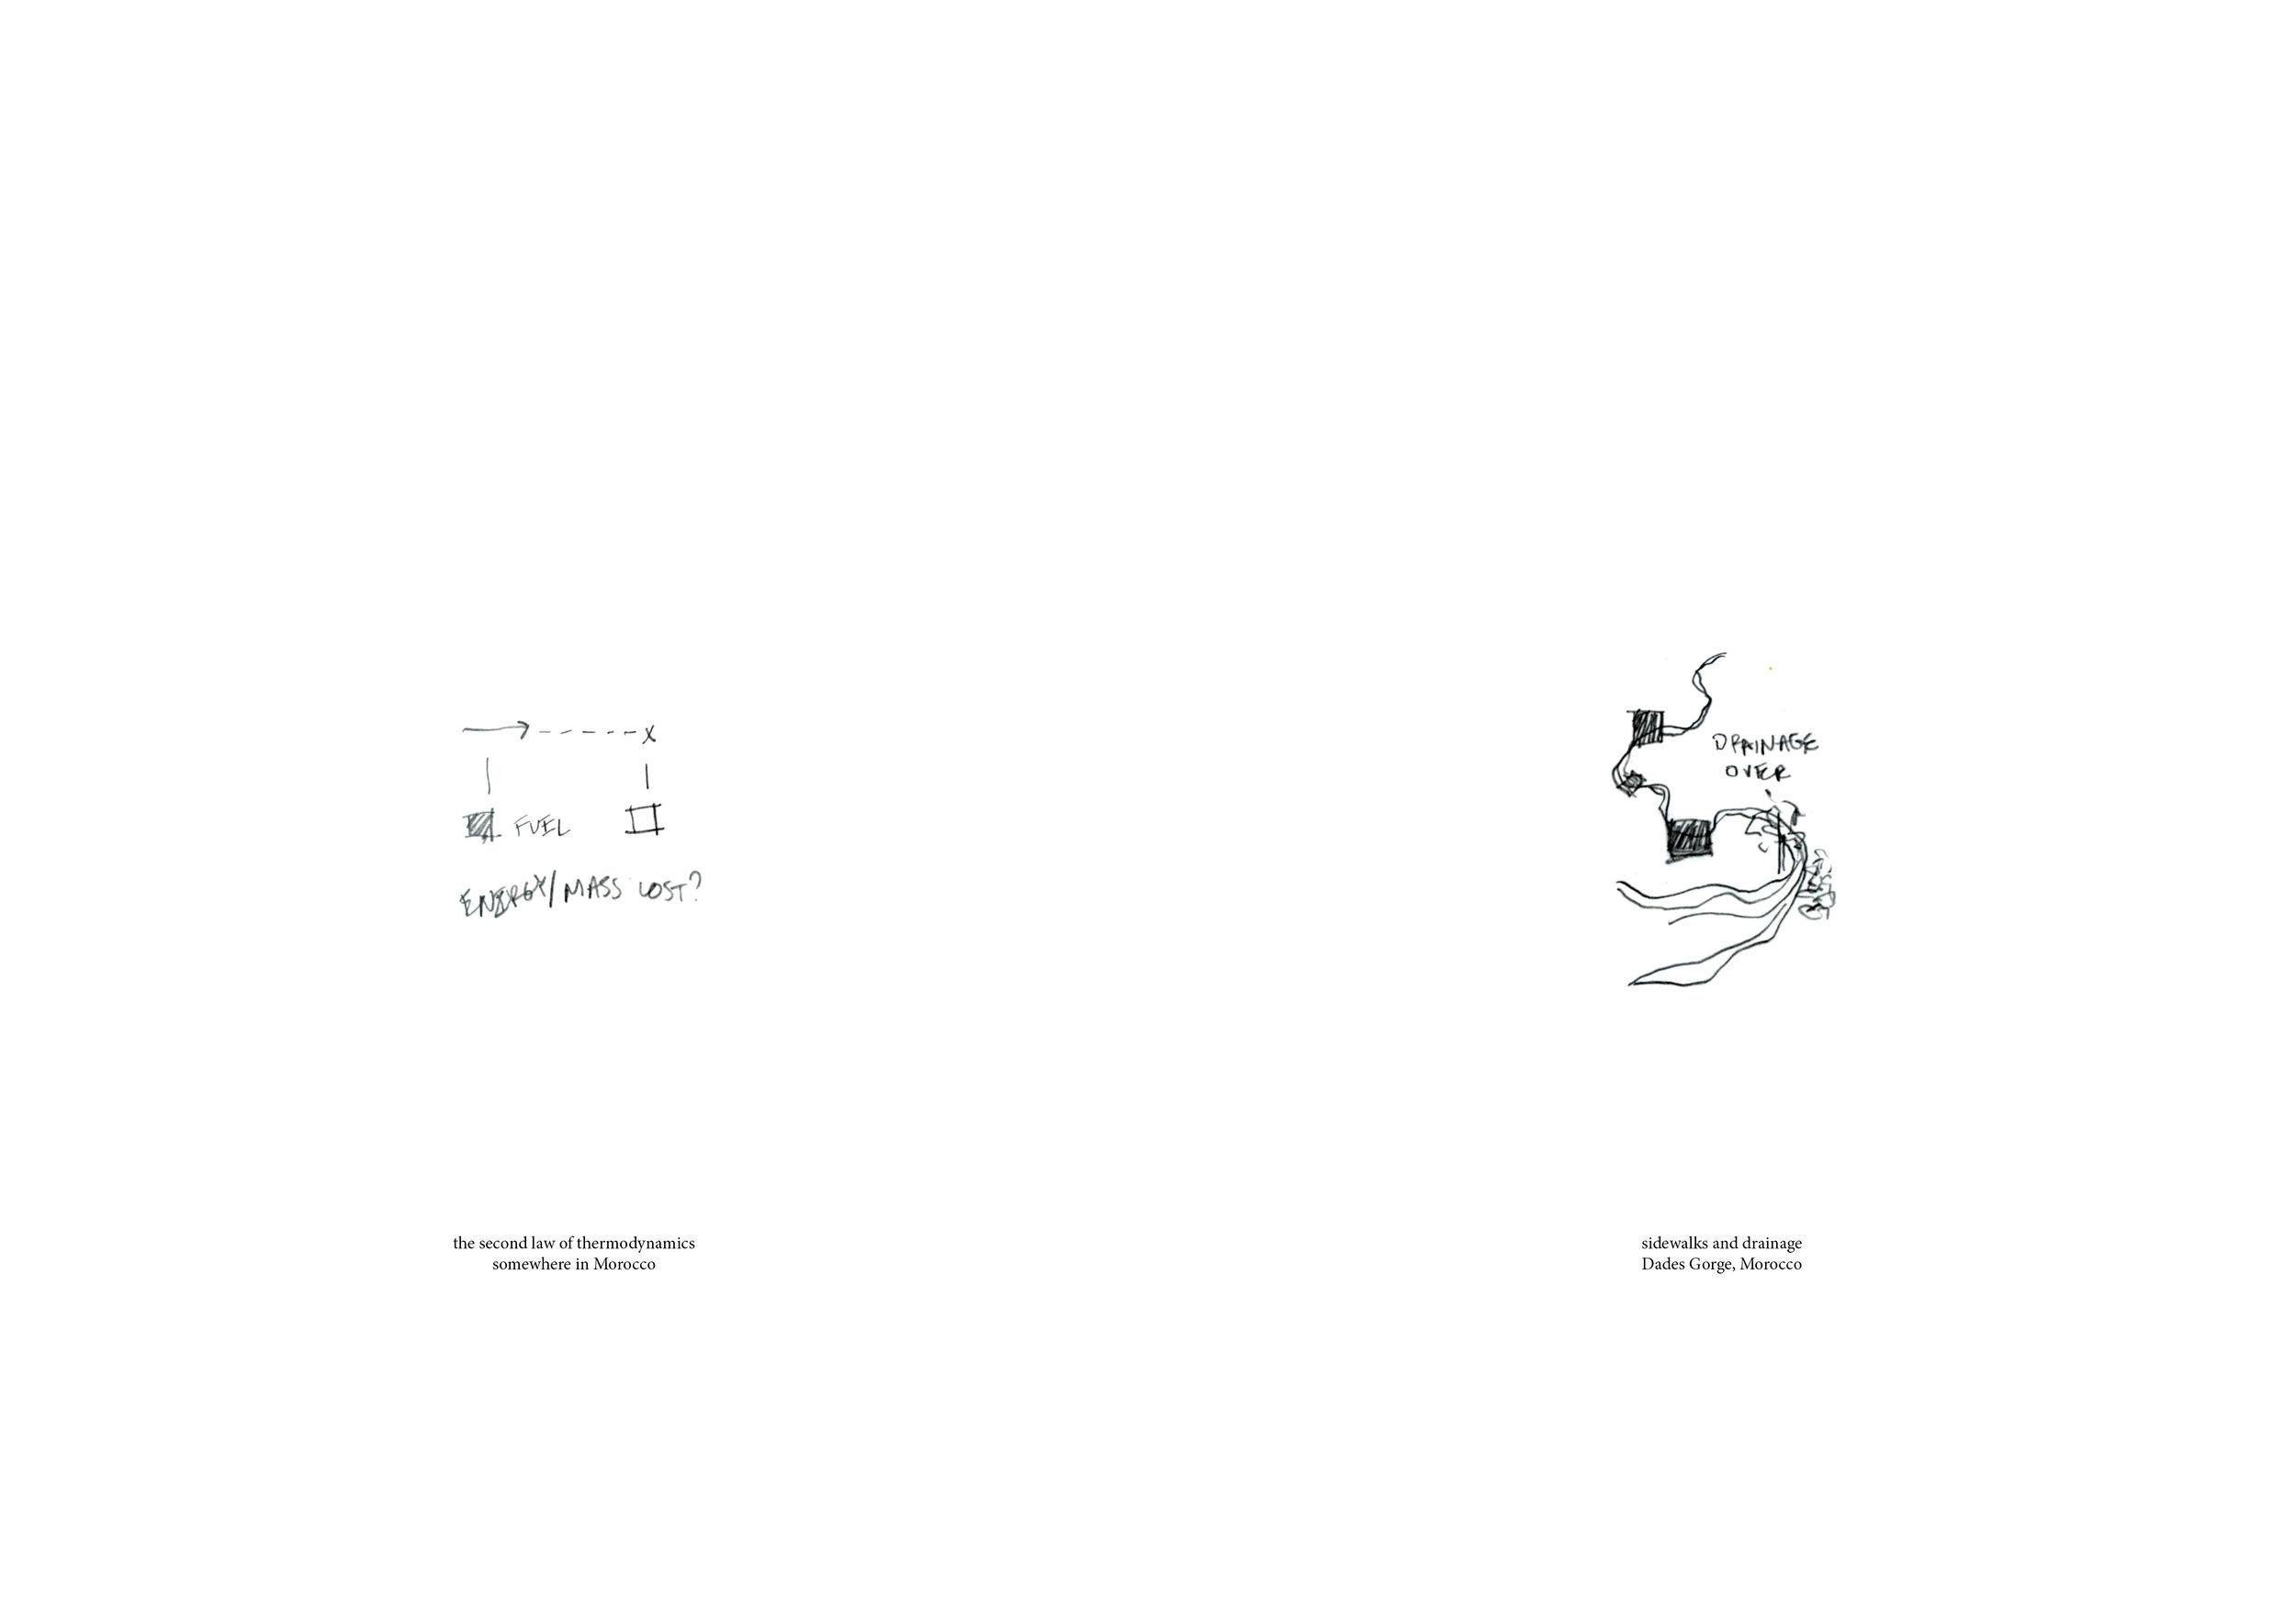 web diagram book print 312.jpg